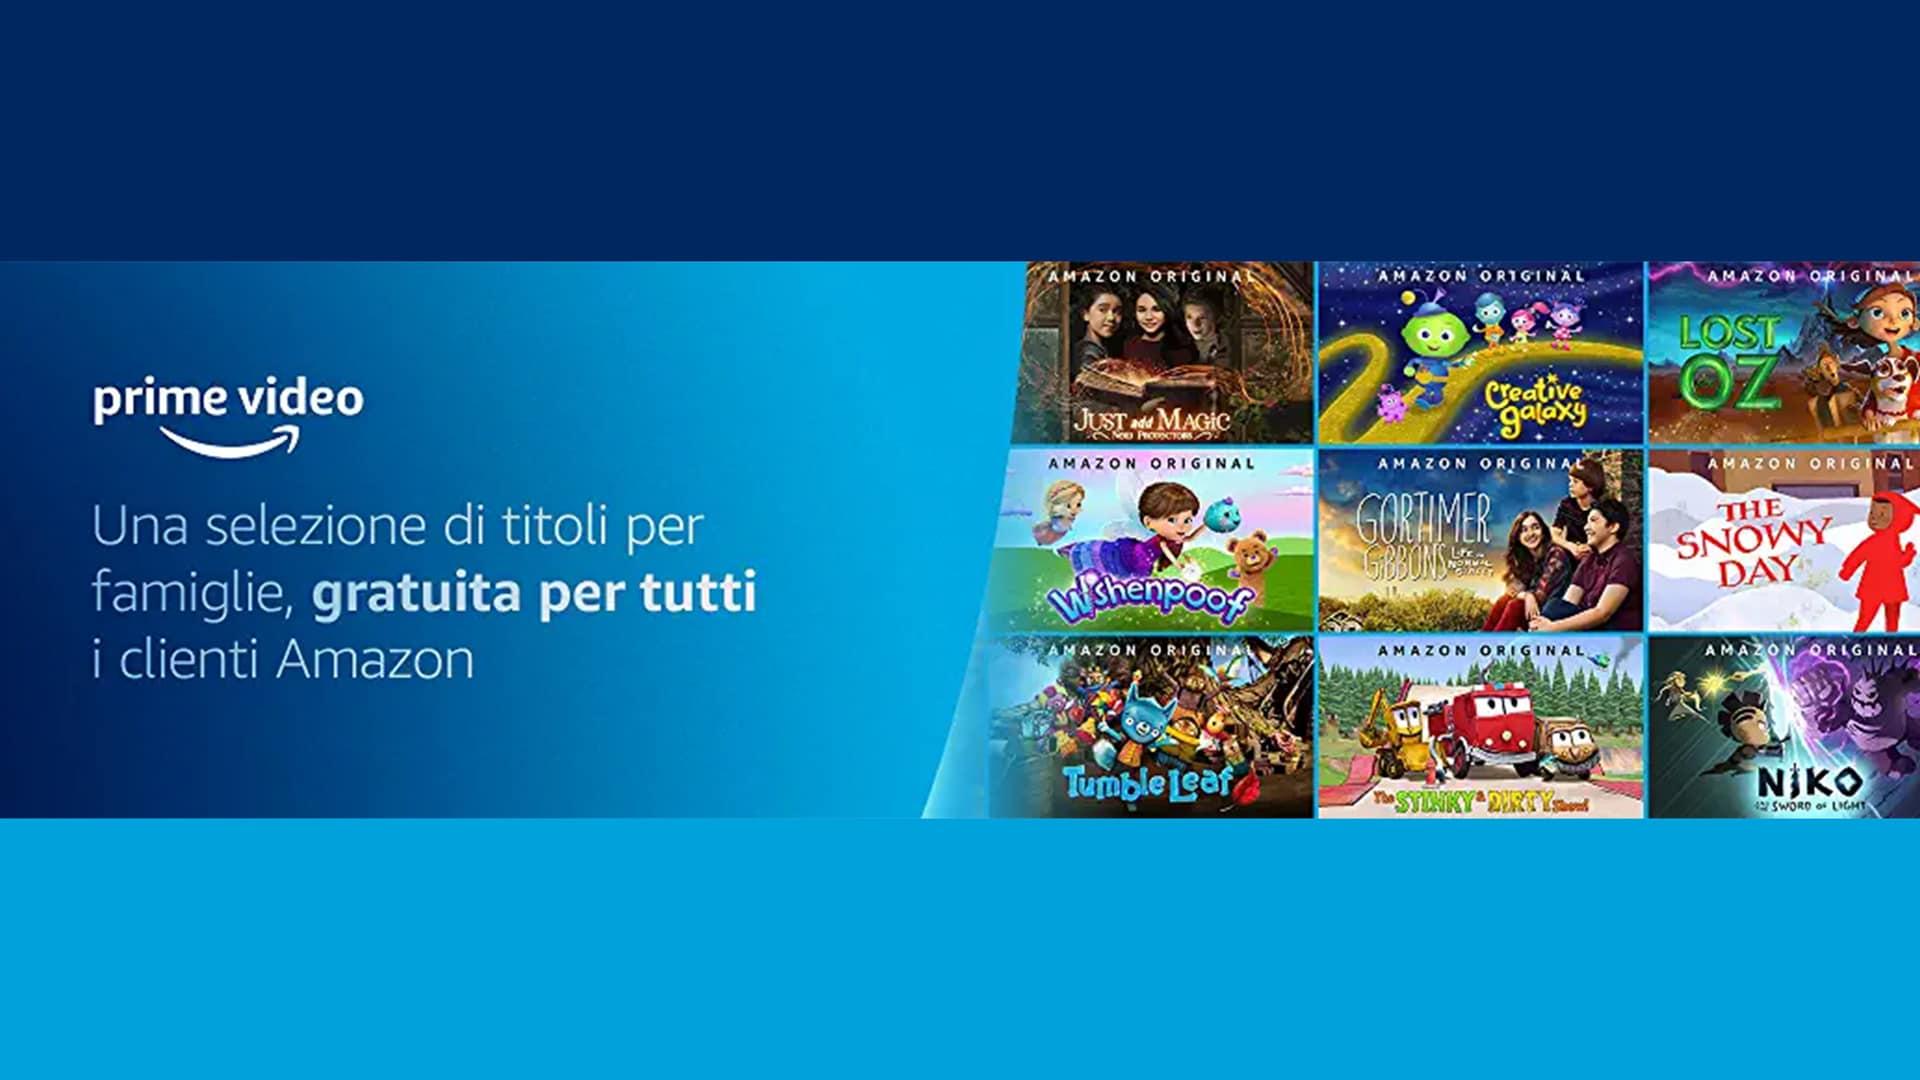 Prime Video regala una selezione di titoli per famiglie a tutti gli utenti